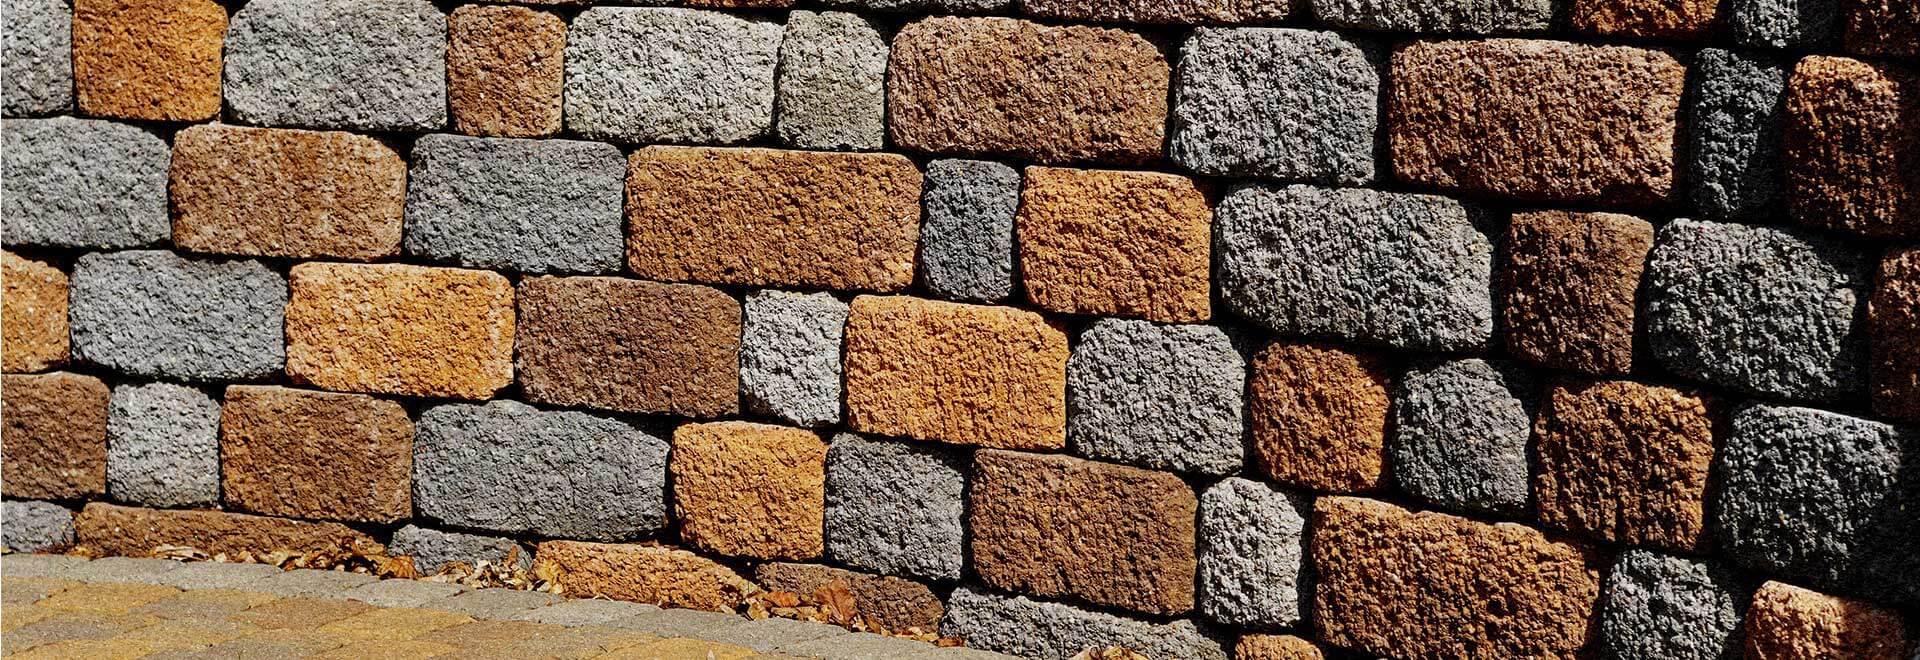 Brick Concrete Chimney Repair Near Flower Mound Tx Brick Experts